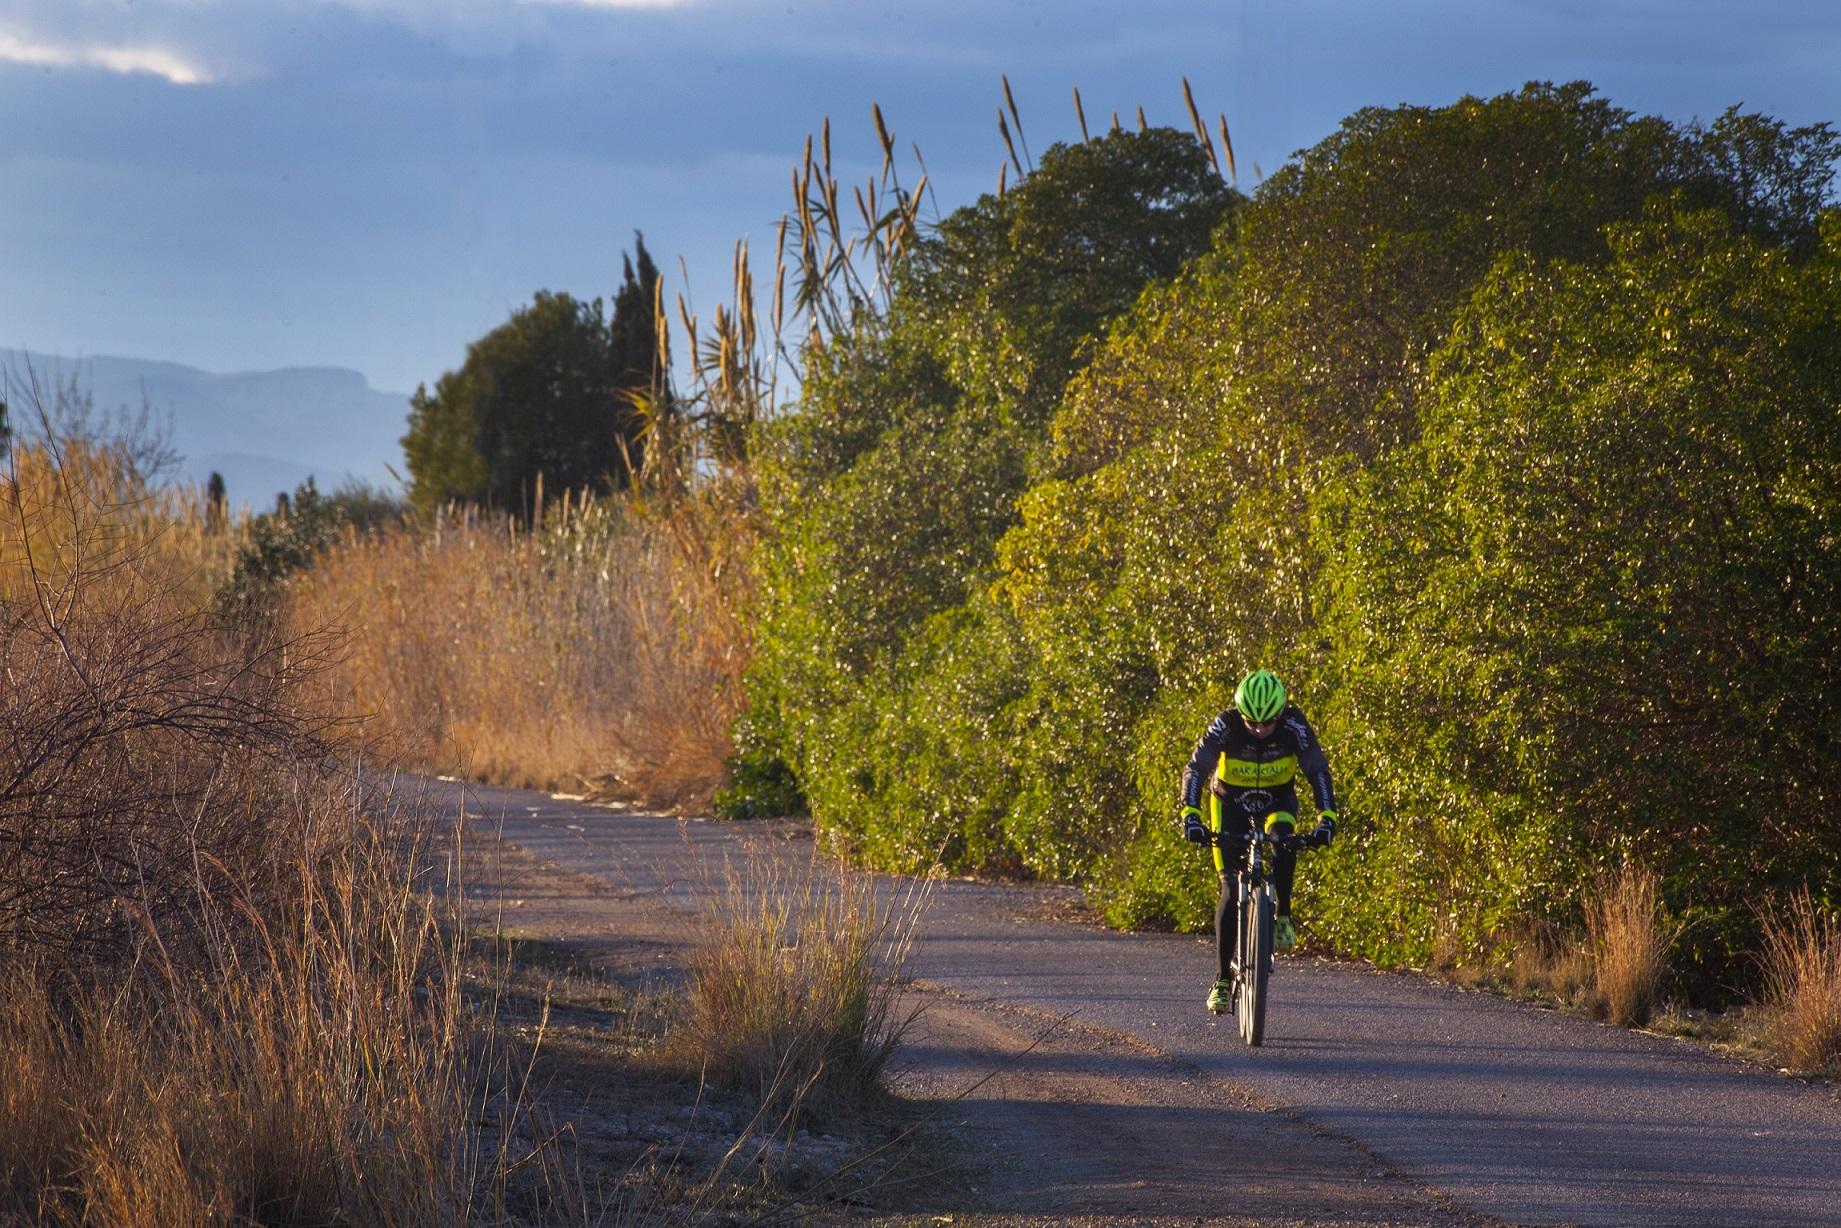 Almassora regula el uso de patinetes y bicicletas eléctricas para evitar accidentes